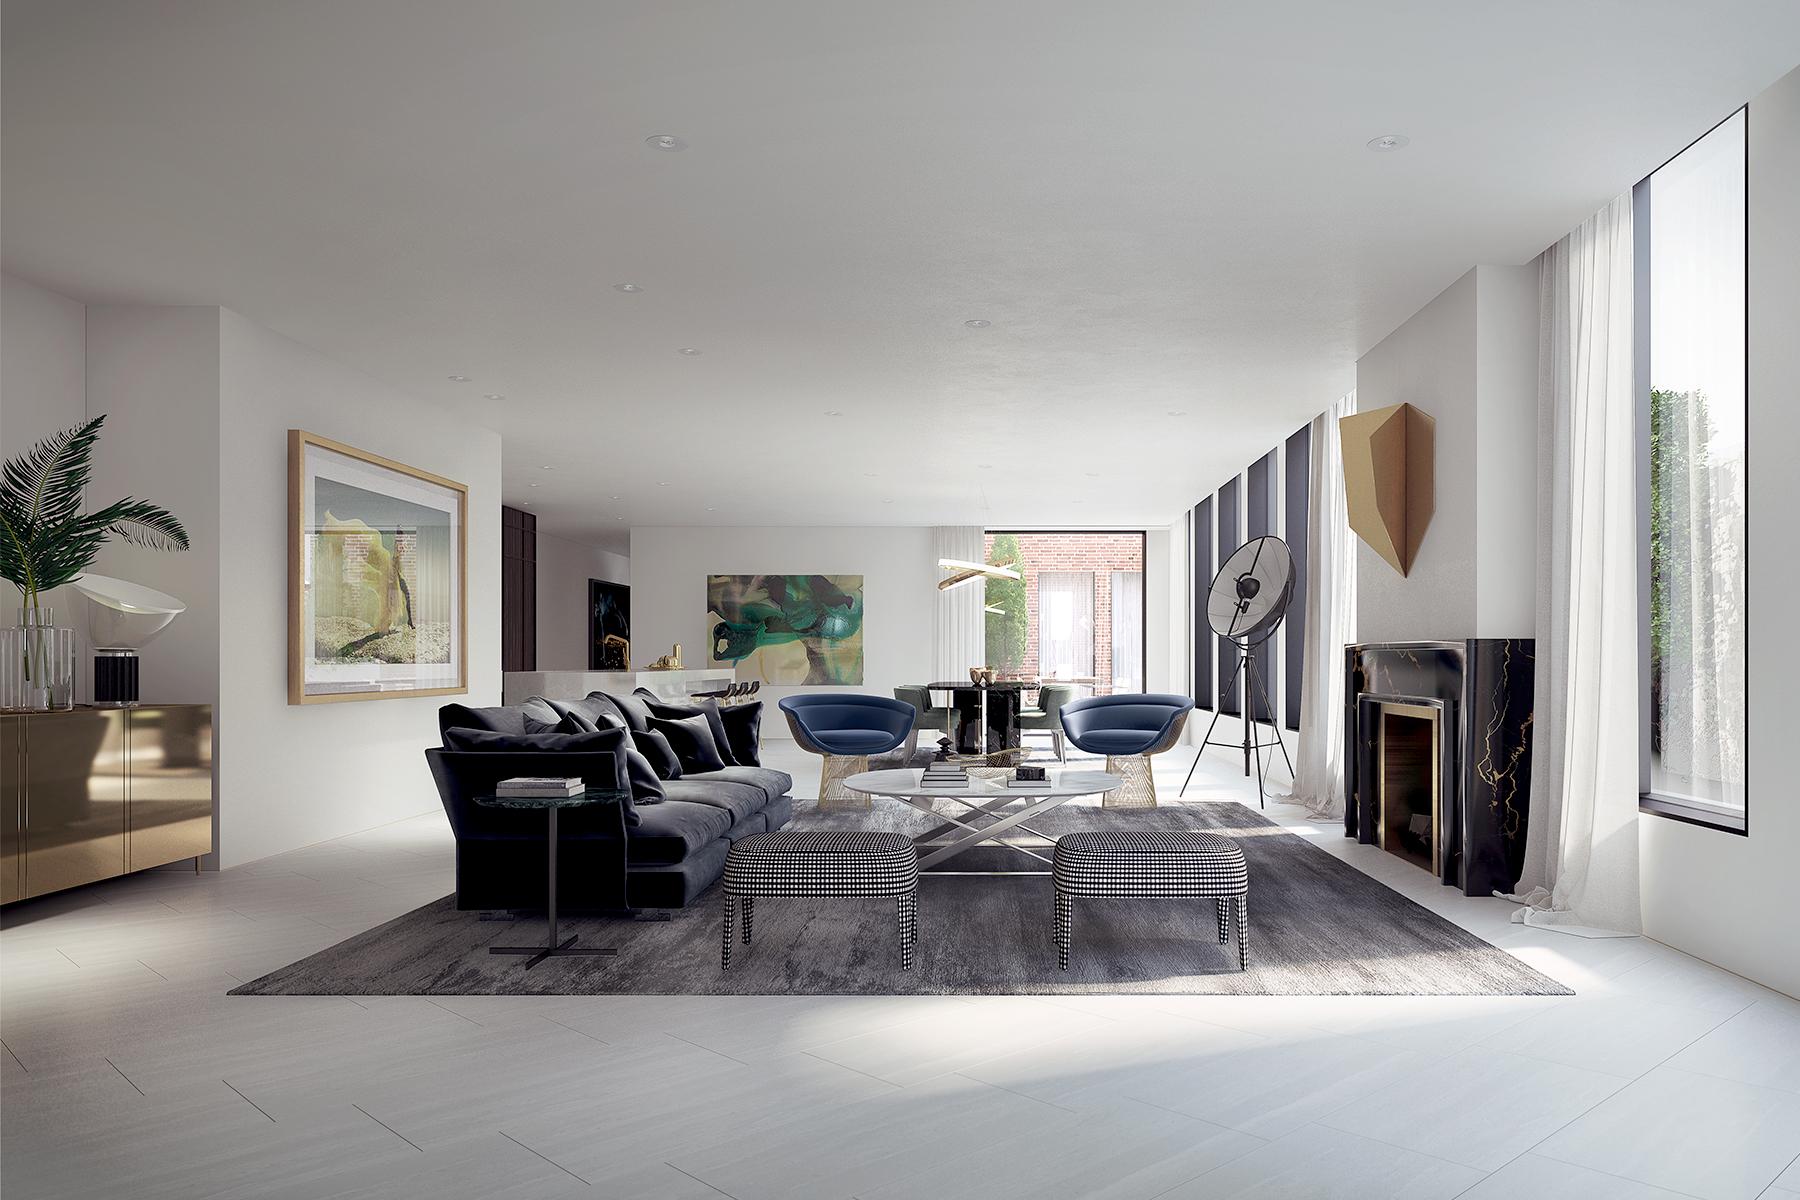 Villa per Vendita alle ore 181-189 Gipps Street, East Melbourne 181 Gipps Street Melbourne, Victoria, 3002 Australia